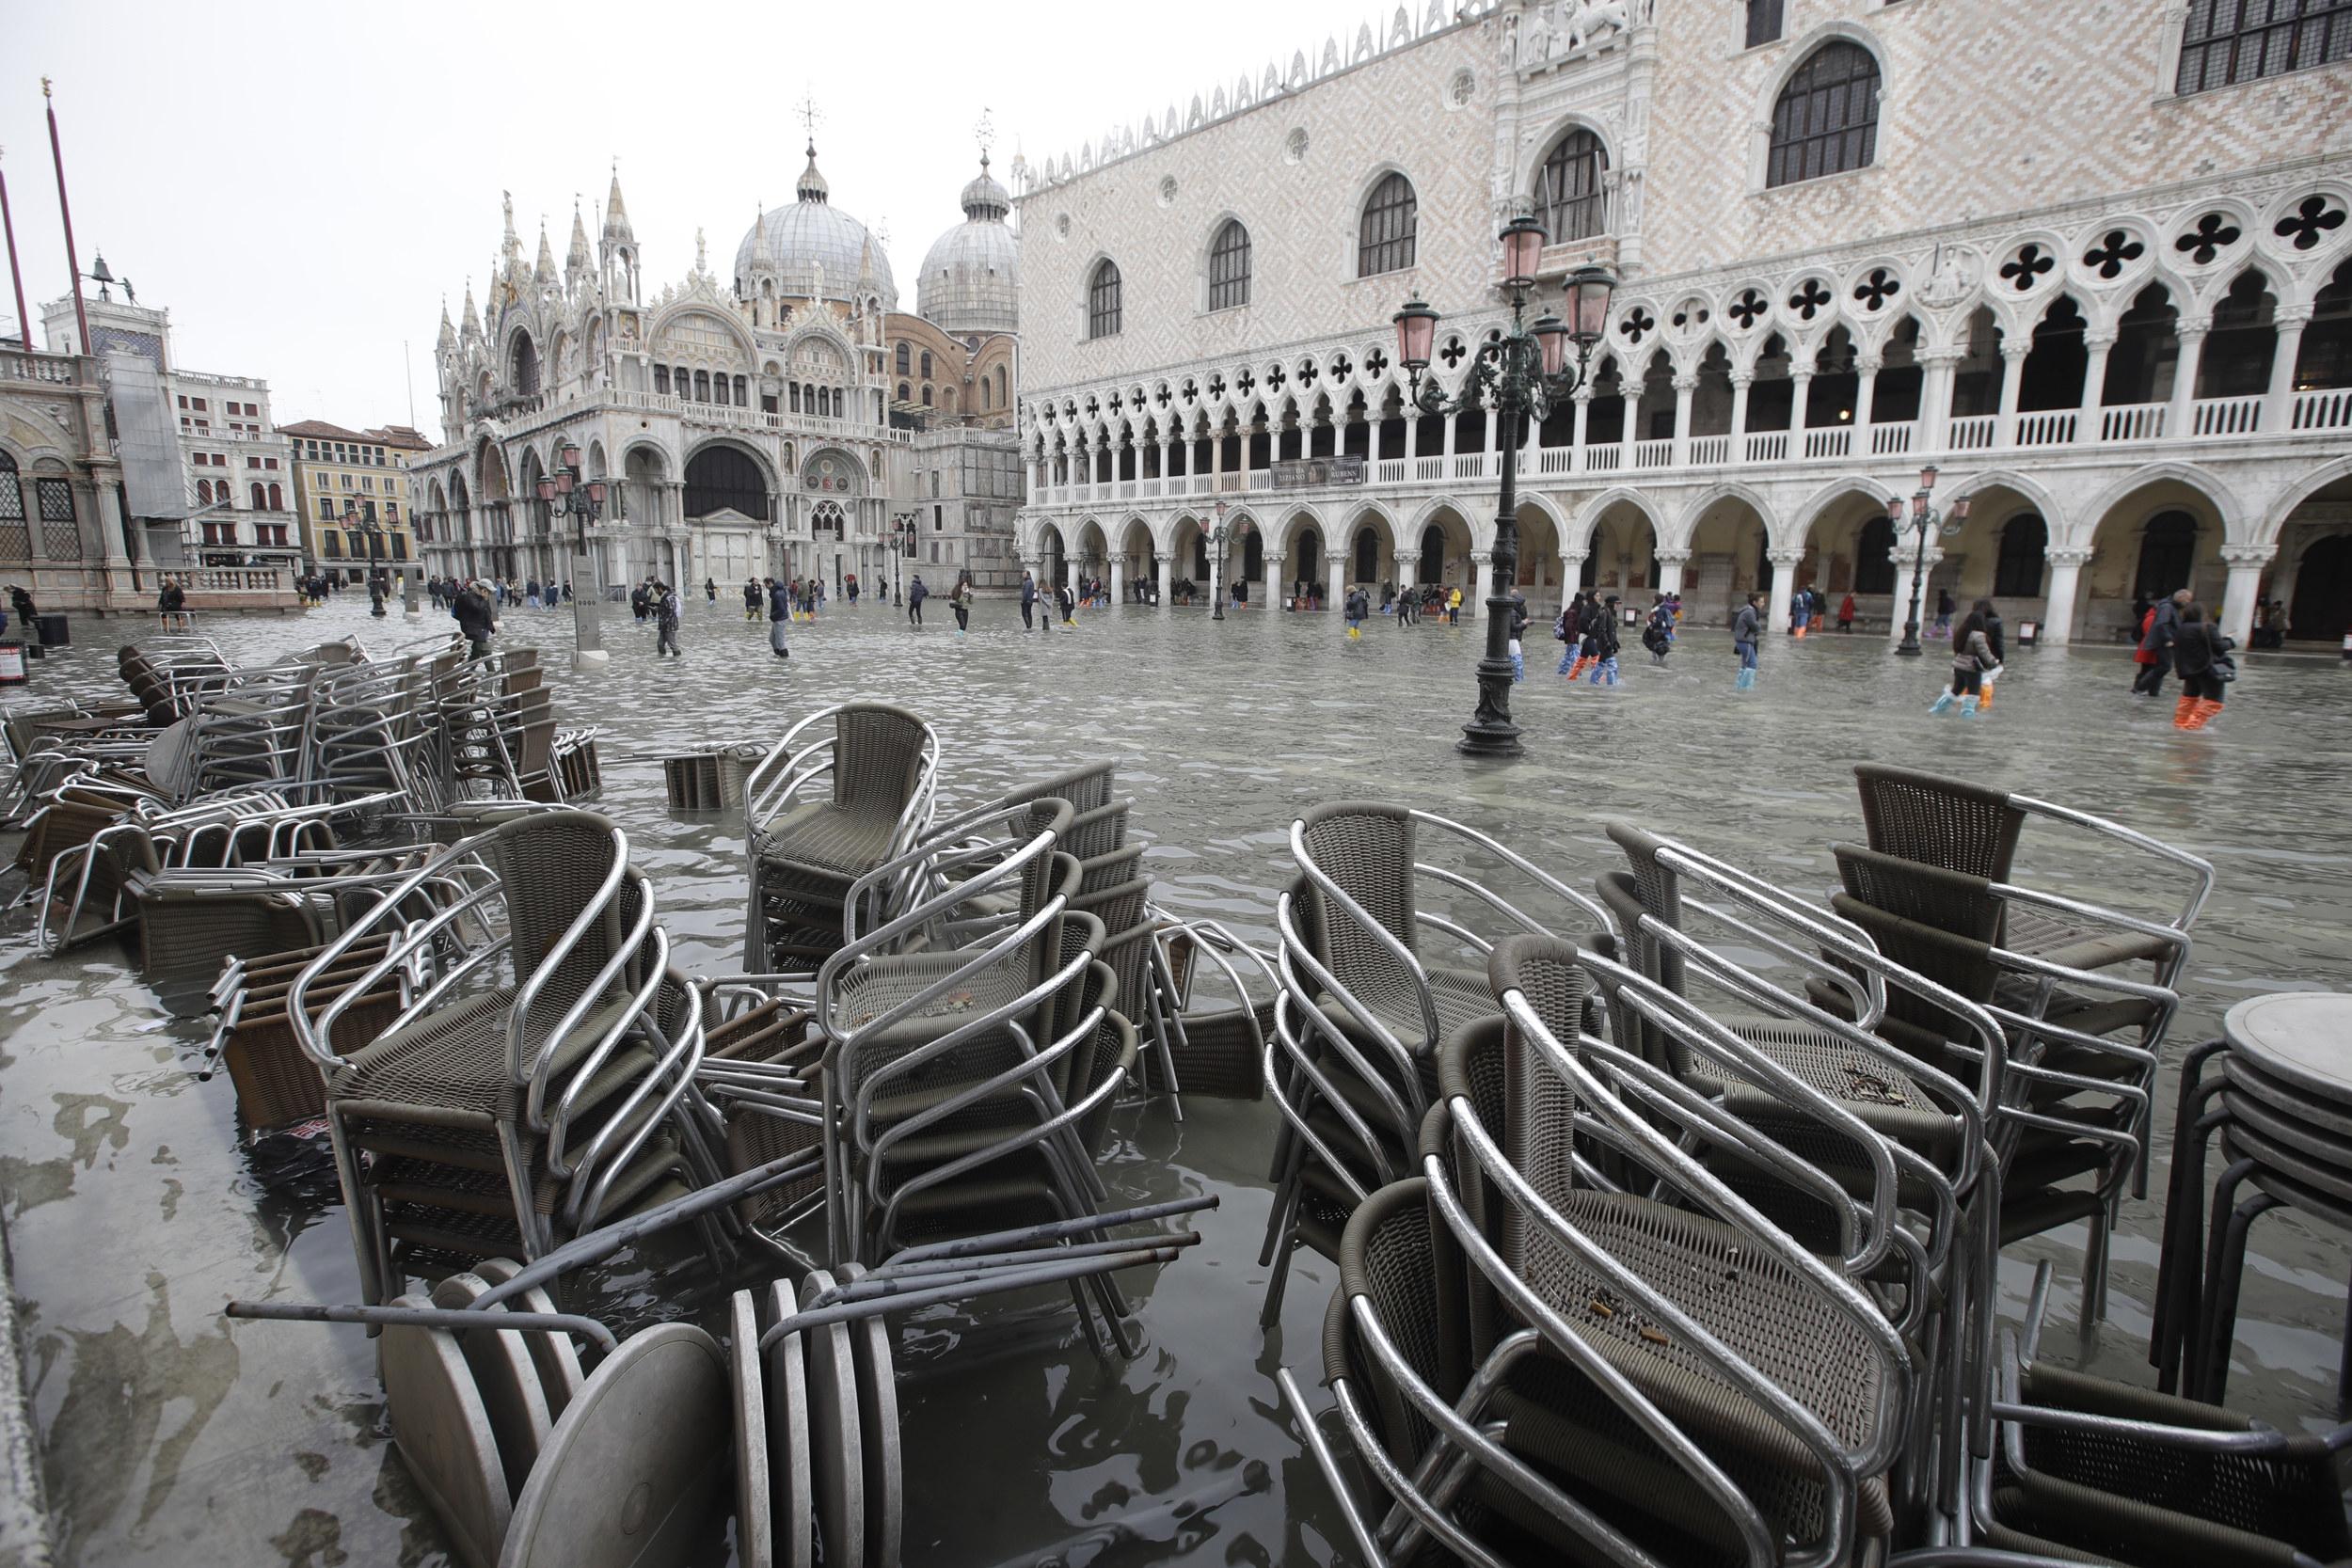 水没 ヴェネツィア 世界遺産ベネチア水没が深刻化。現在はモーゼ計画が行われているが…